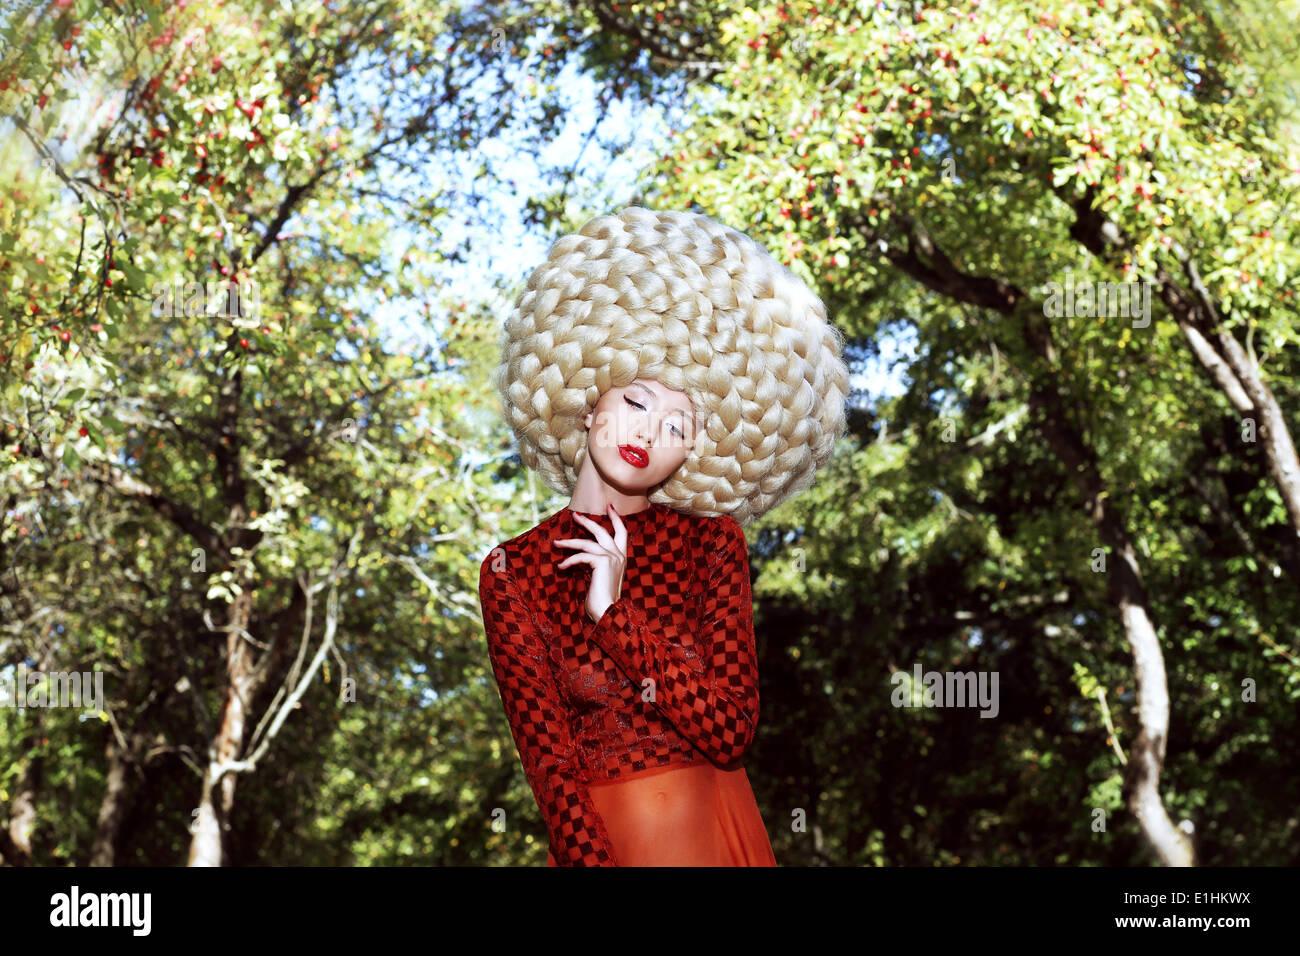 Coiffure extraordinaire. Femme de l'Art somptueux avec perruque de cheveux ondulés Photo Stock